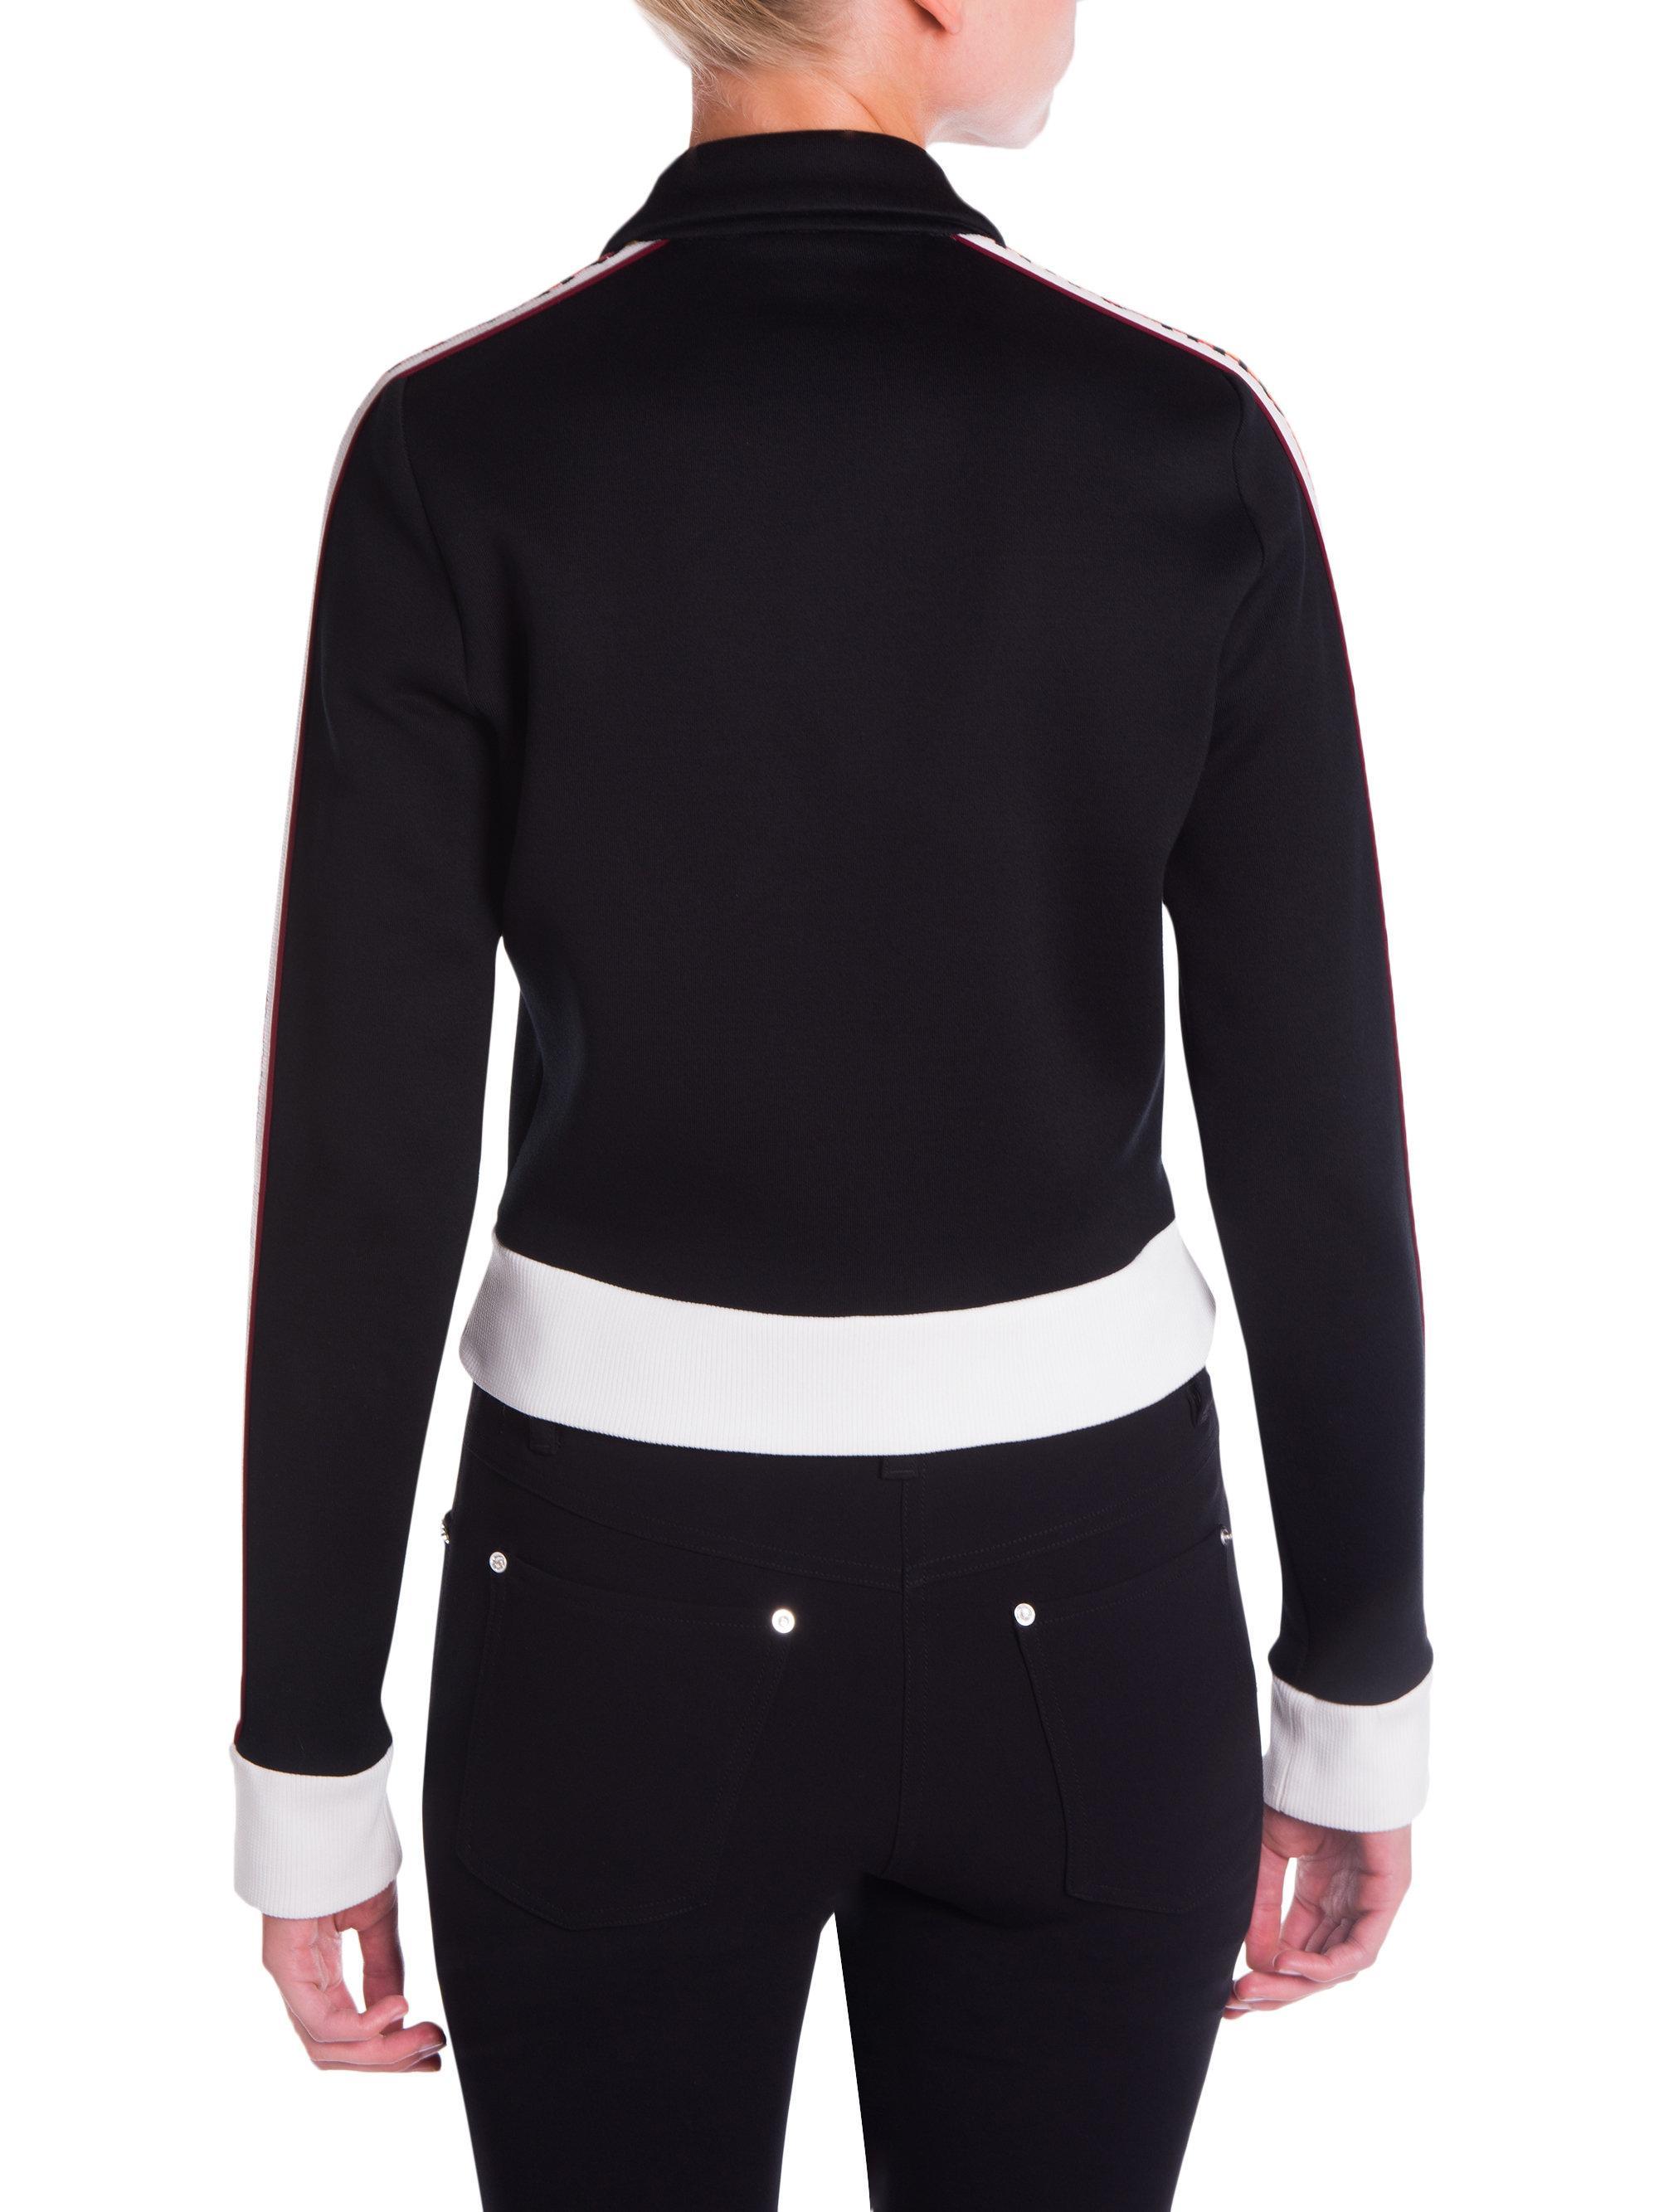 6f3f1213b149 Miu Miu - Black Logo Tracksuit Jersey Jacket - Lyst. View fullscreen